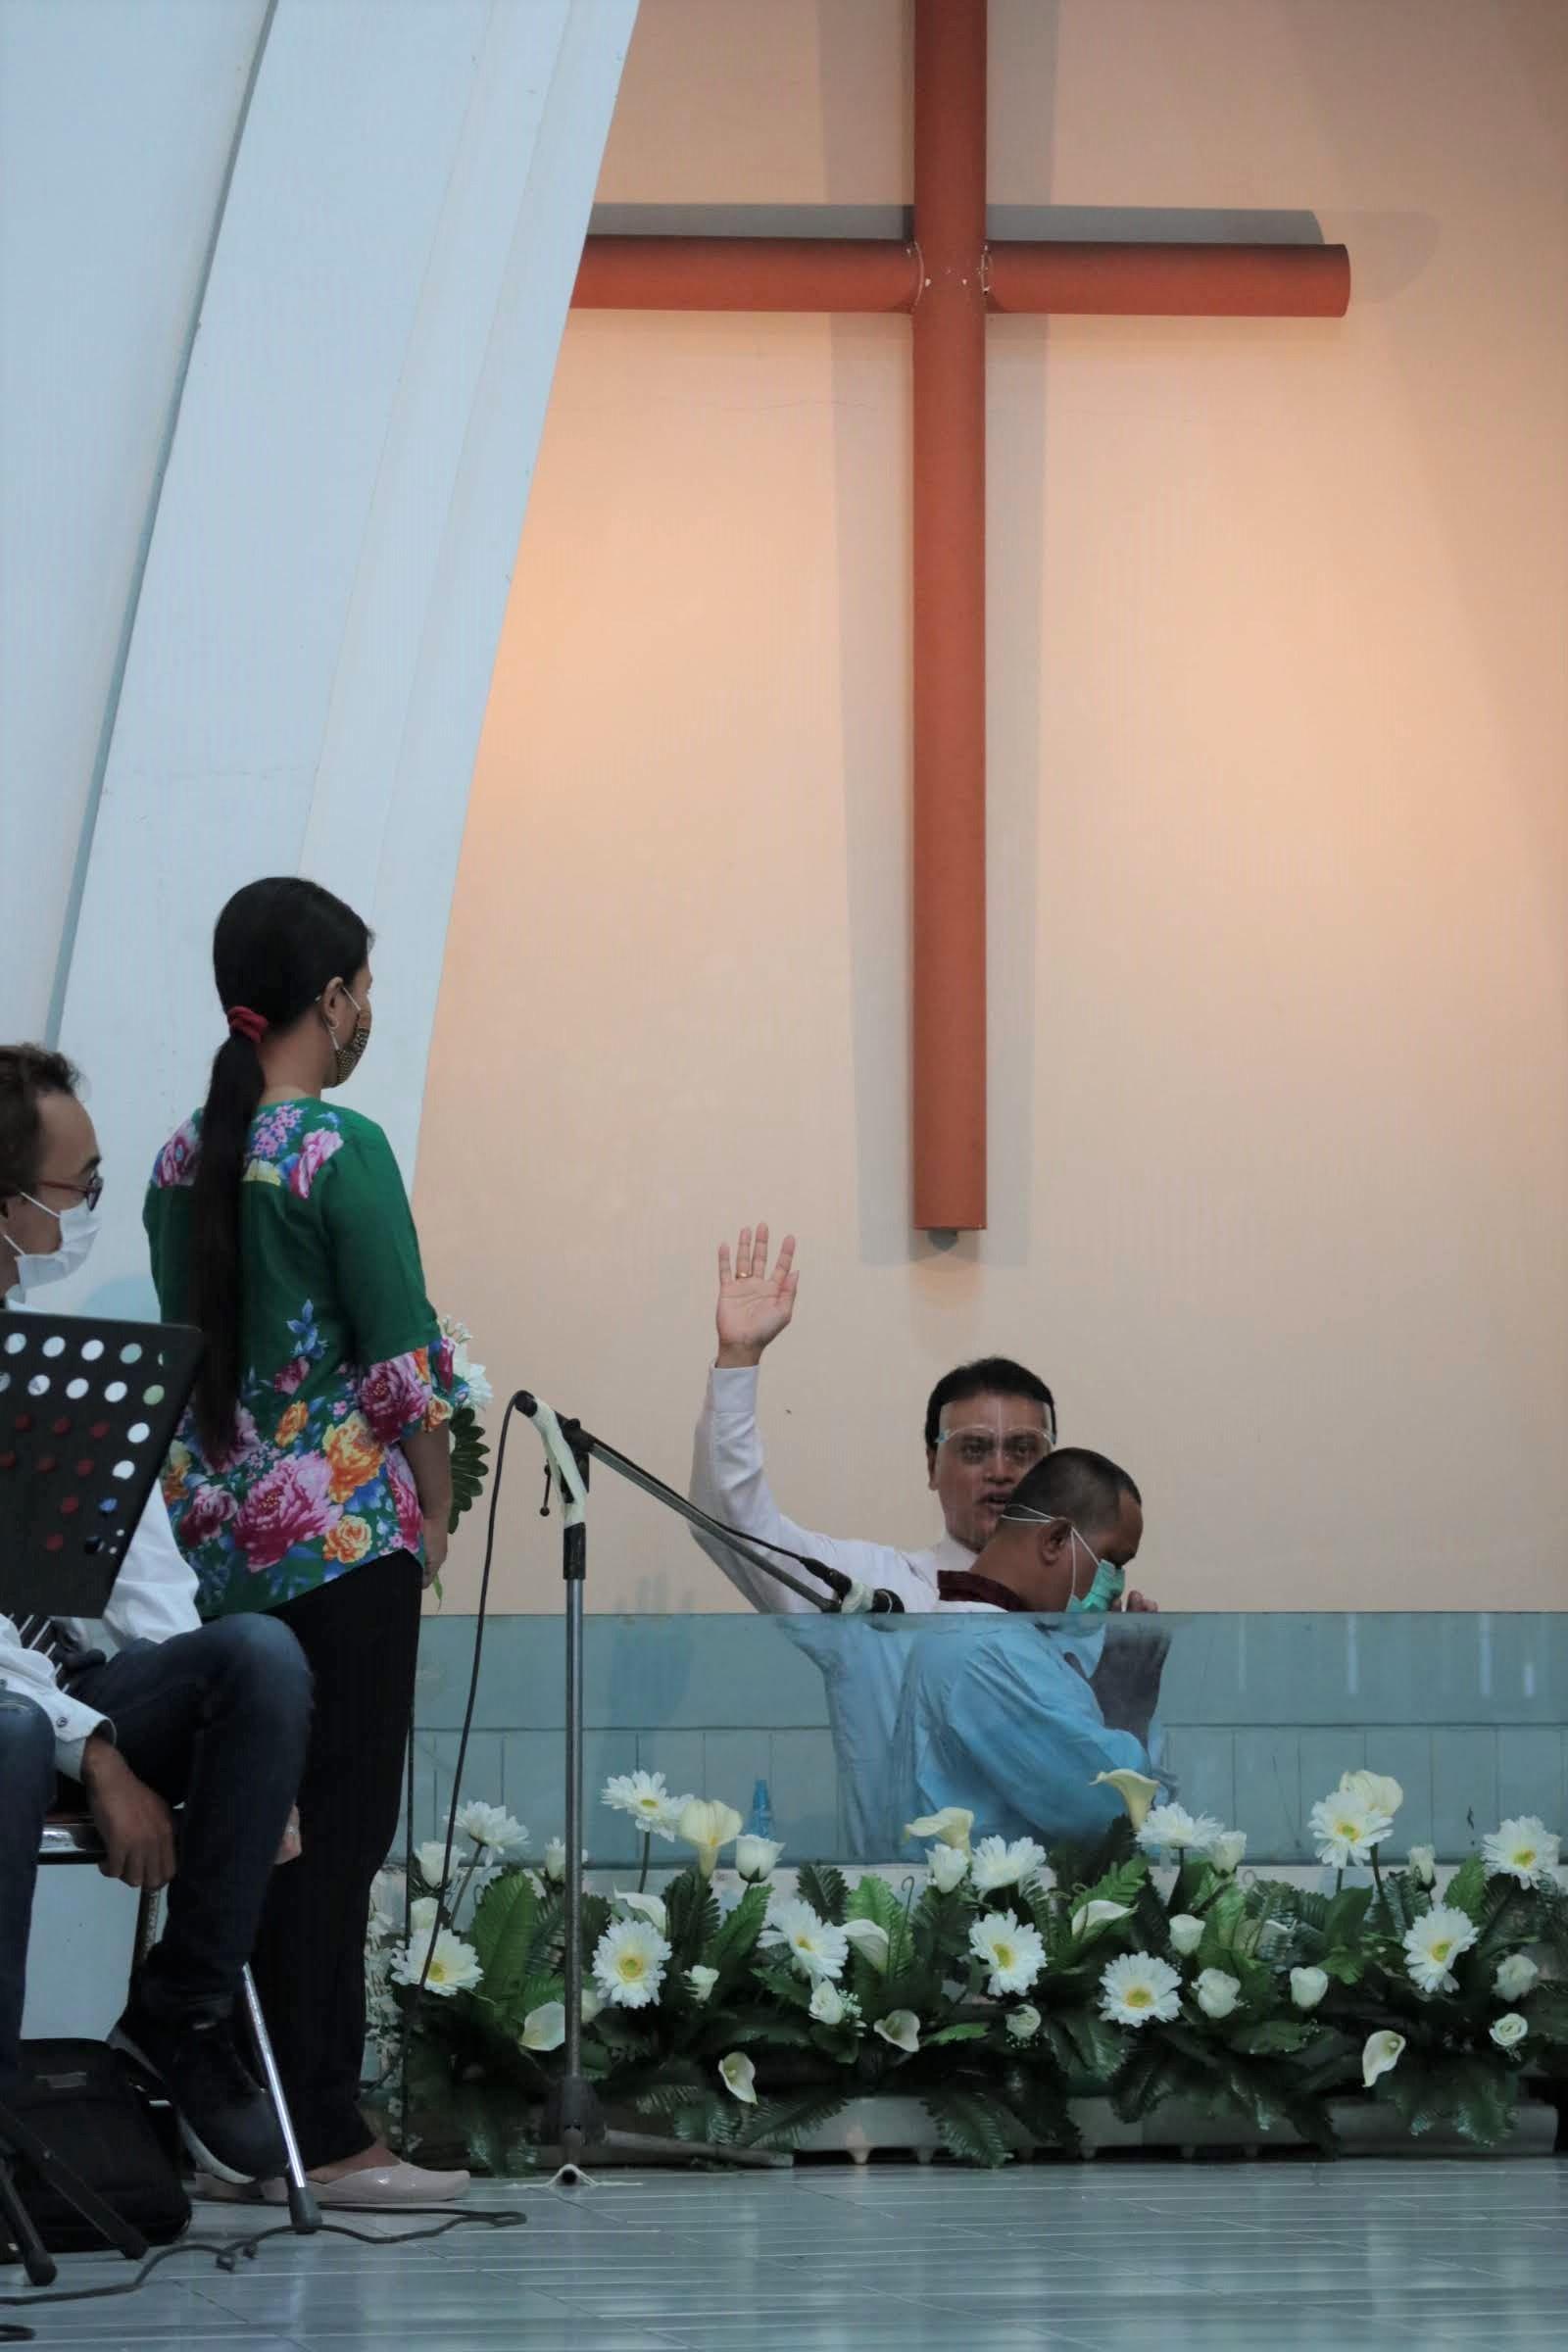 イースター礼拝でのバプテスマ式